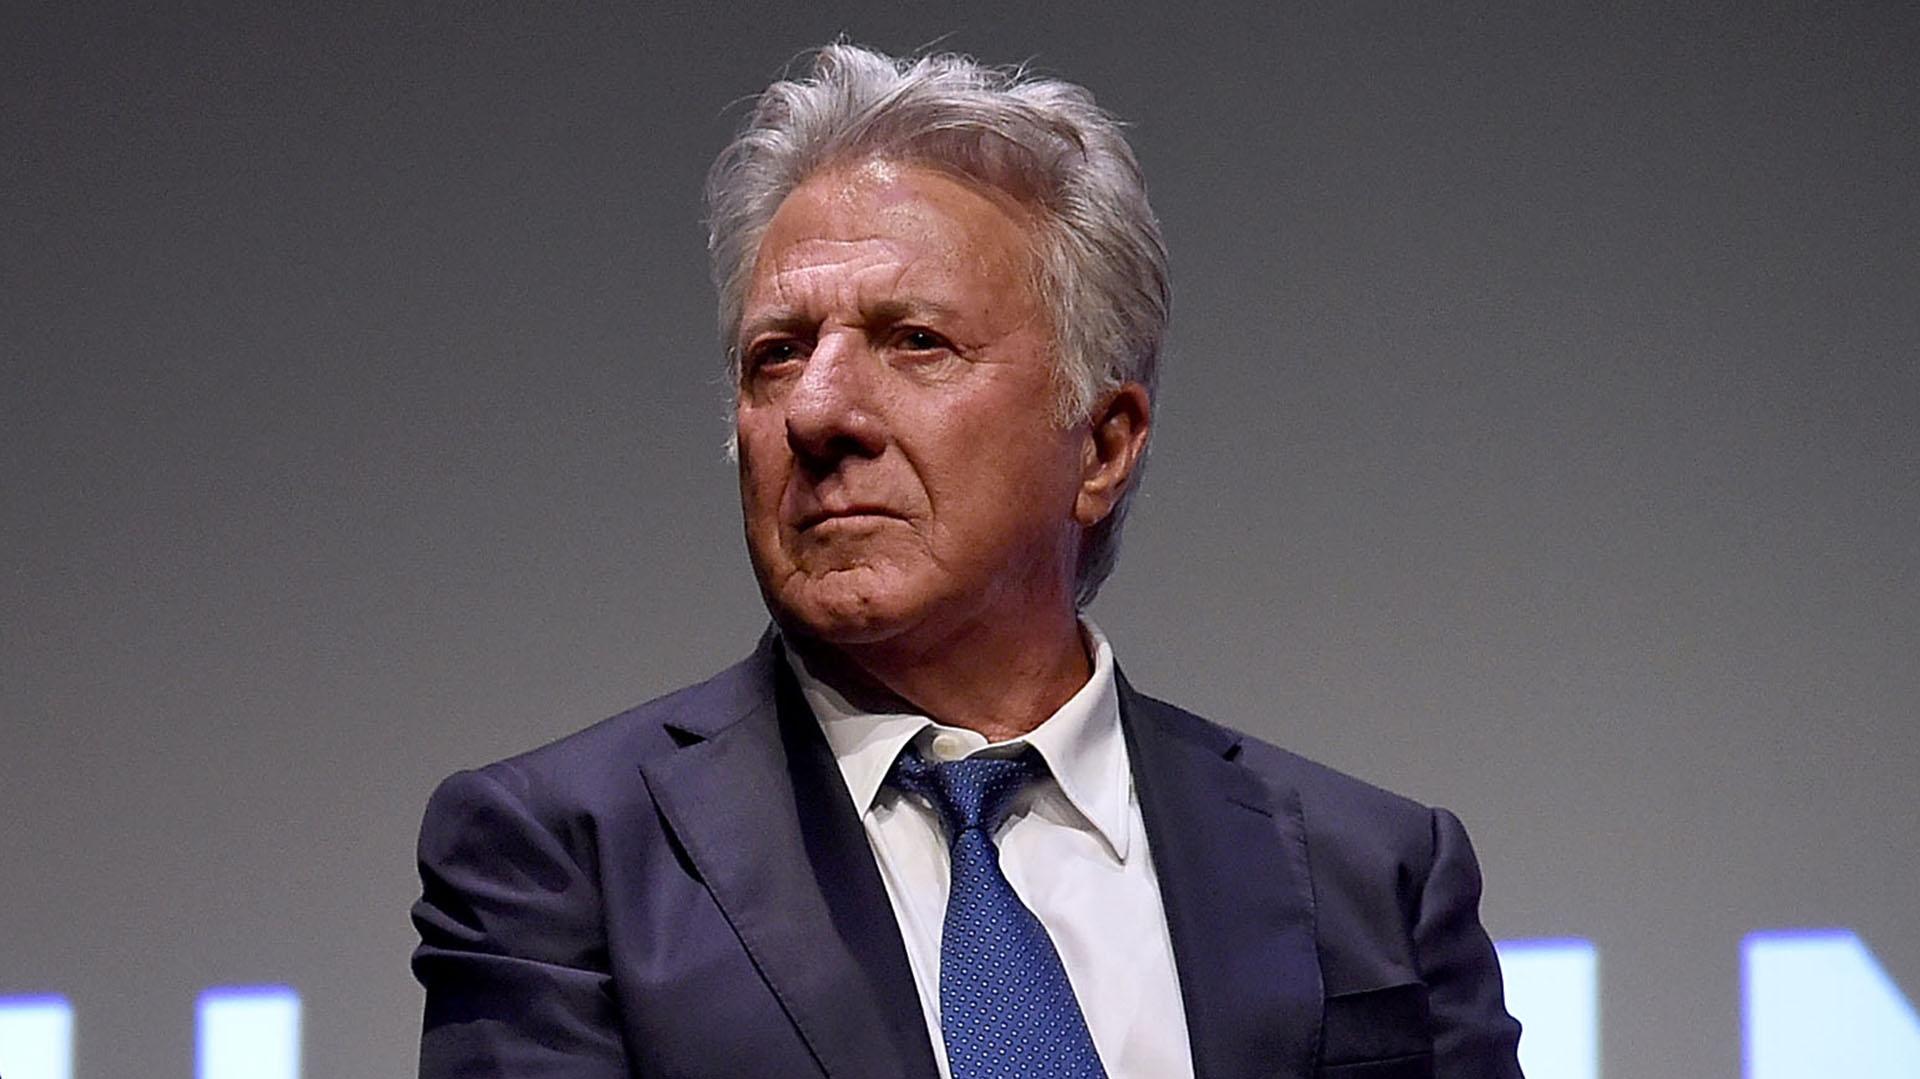 """Dustin Hoffman fue denunciado por acoso sexual a una joven de 17 años en 1985. La hoy escritora Anna Graham Hunter relató un episodio sucedido en el set del telefilme """"La muerte de un viajante""""."""